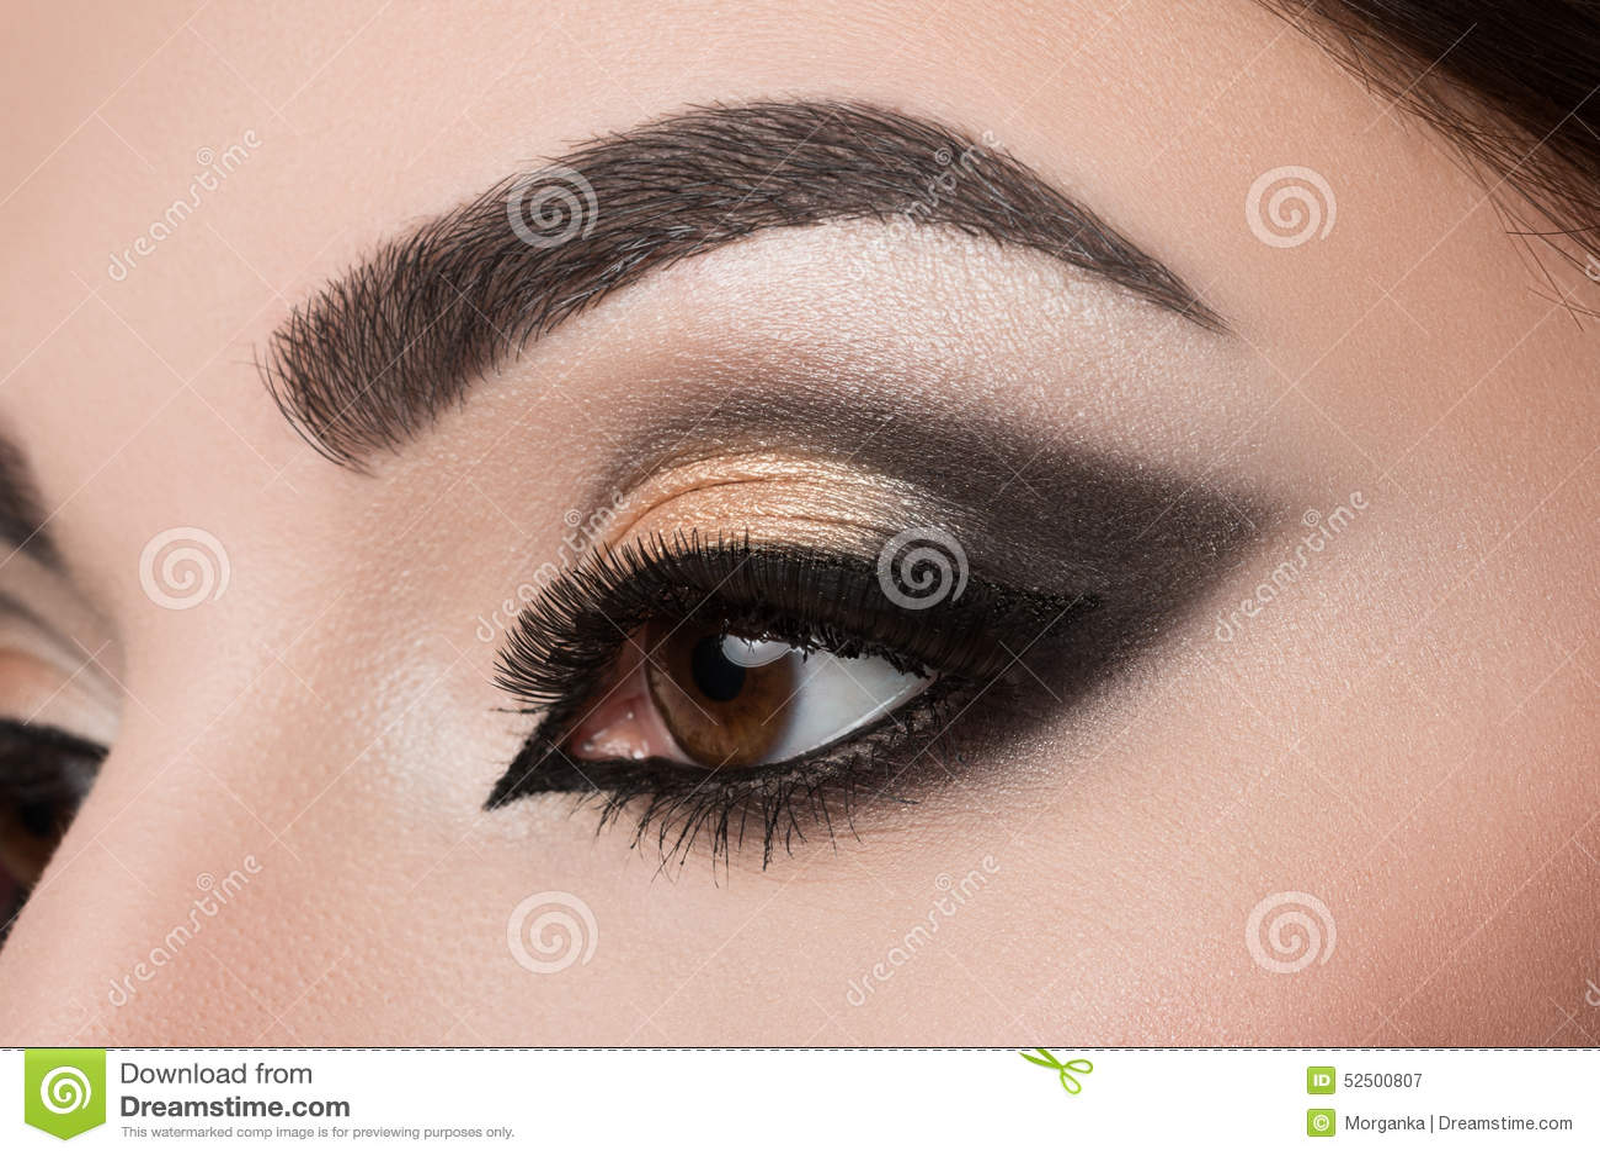 Nahaufnahme Des Frauenauges Mit Arabischem Make Up Stockbild Bild